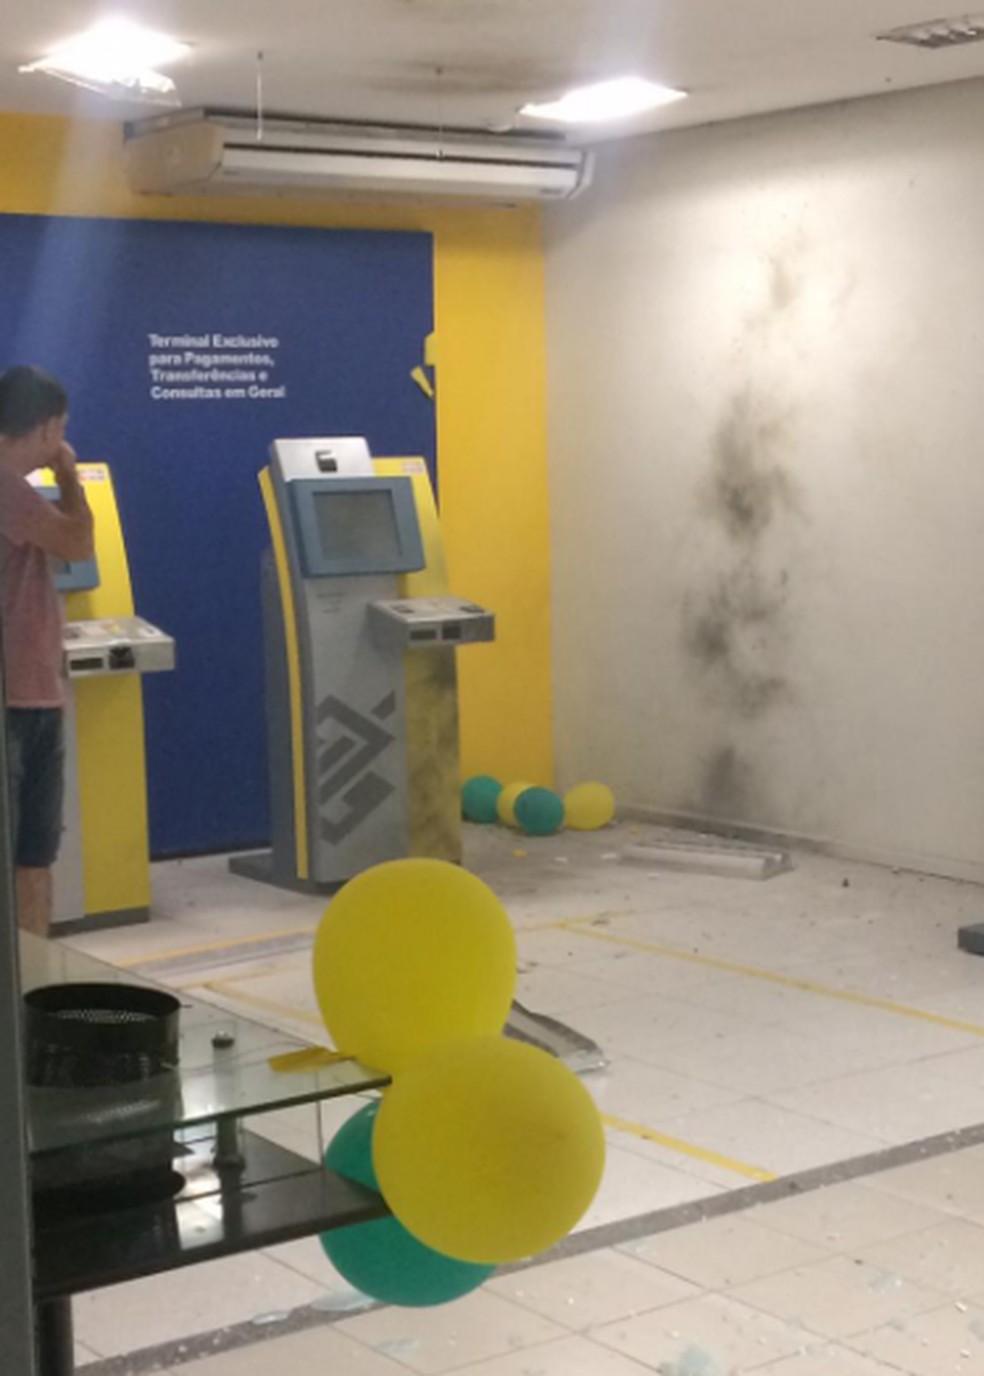 Grupo tentou explodir um dos caixas, mas não tiveram sucesso na operação. — Foto: Reprodução/Sistema TV Verdes Mares